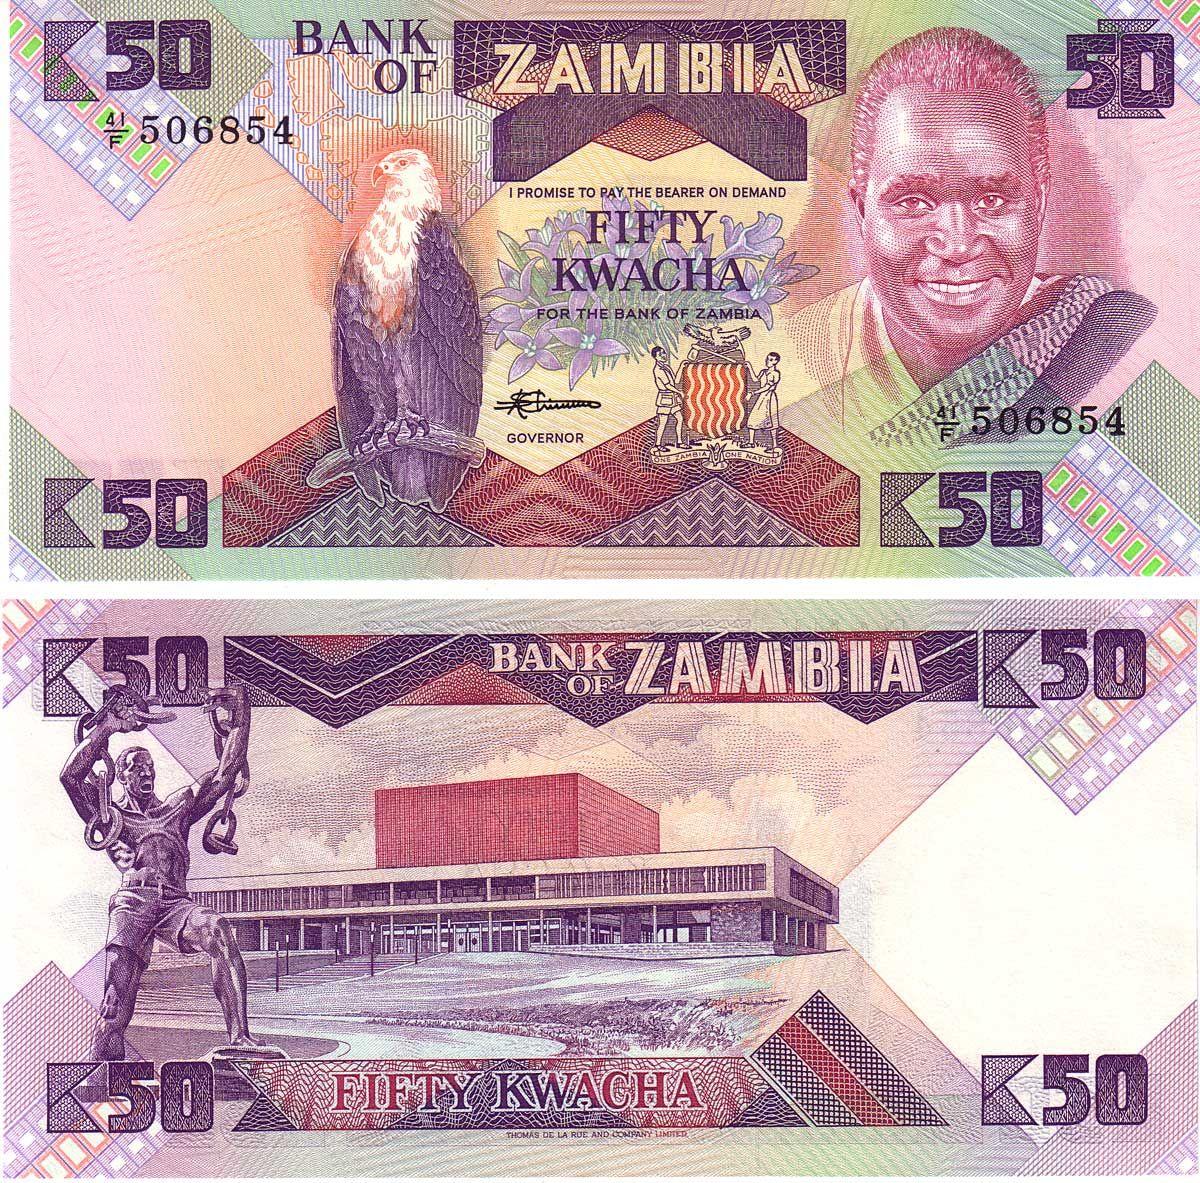 Zambia Money Bank Of Zambia 50 Kwacha Note 1986 1988 Issue